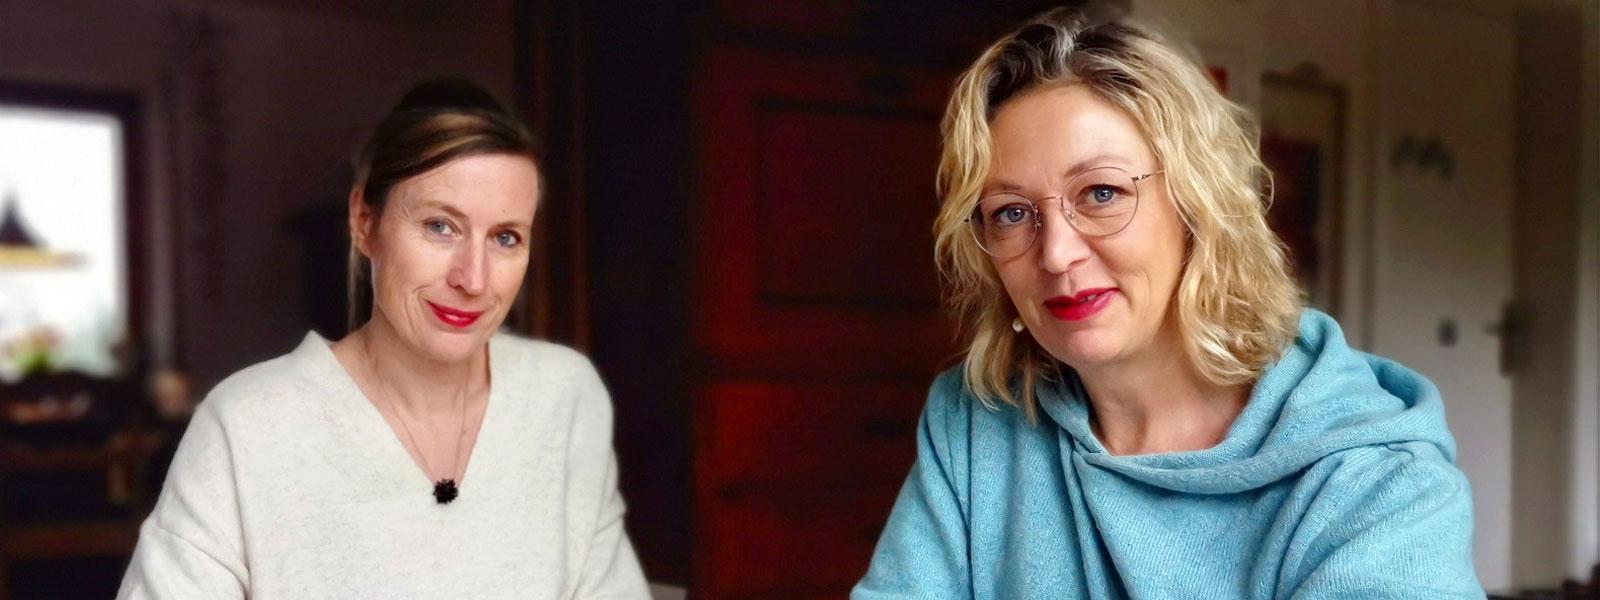 TEAMBRENNER Lichtblicke Interview Franziska M Köllner Silke Wagler